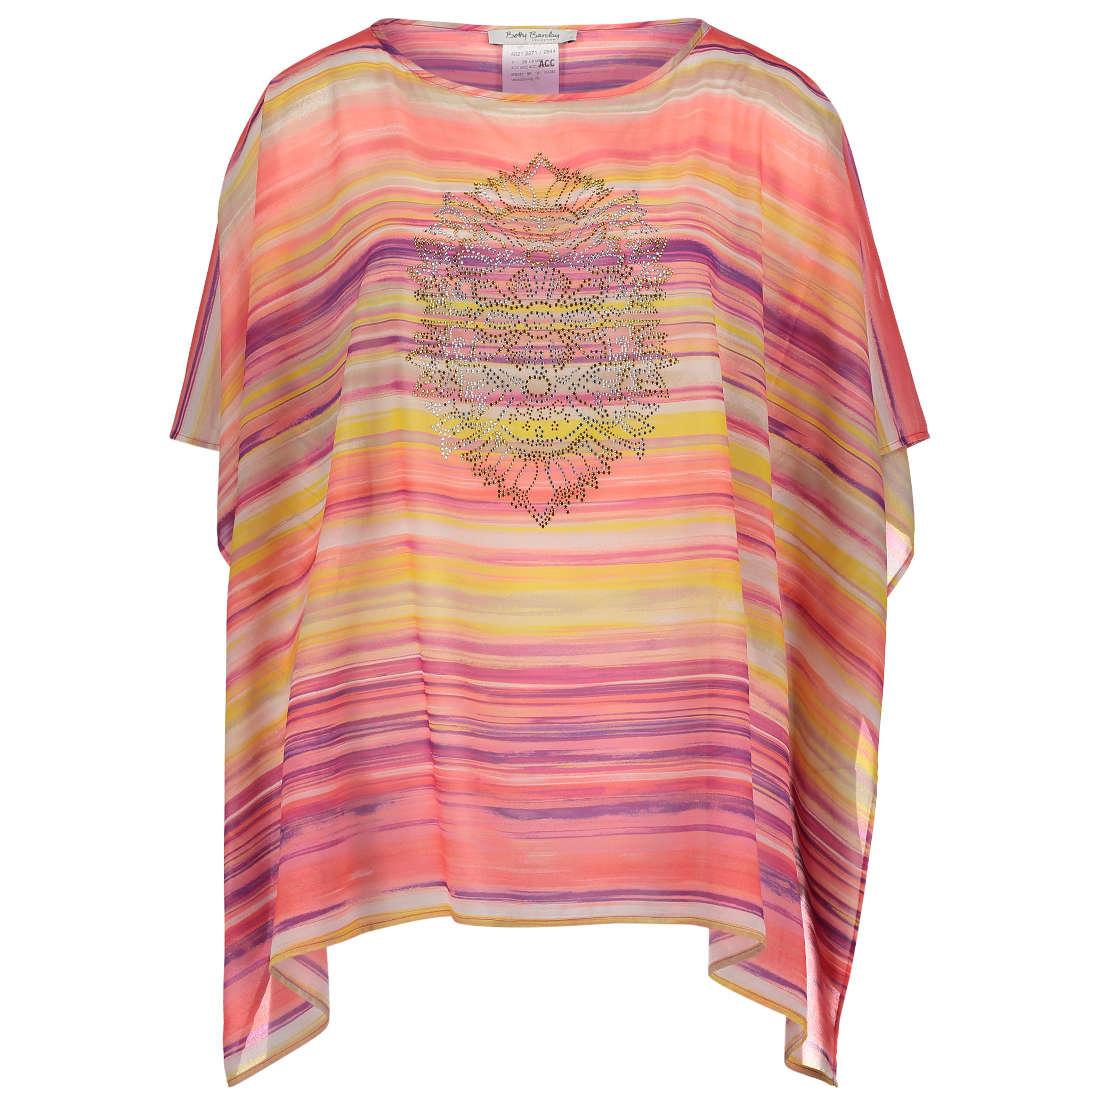 Smit Mode Betty Barclay accessoire t021 2271 in het Multicolor